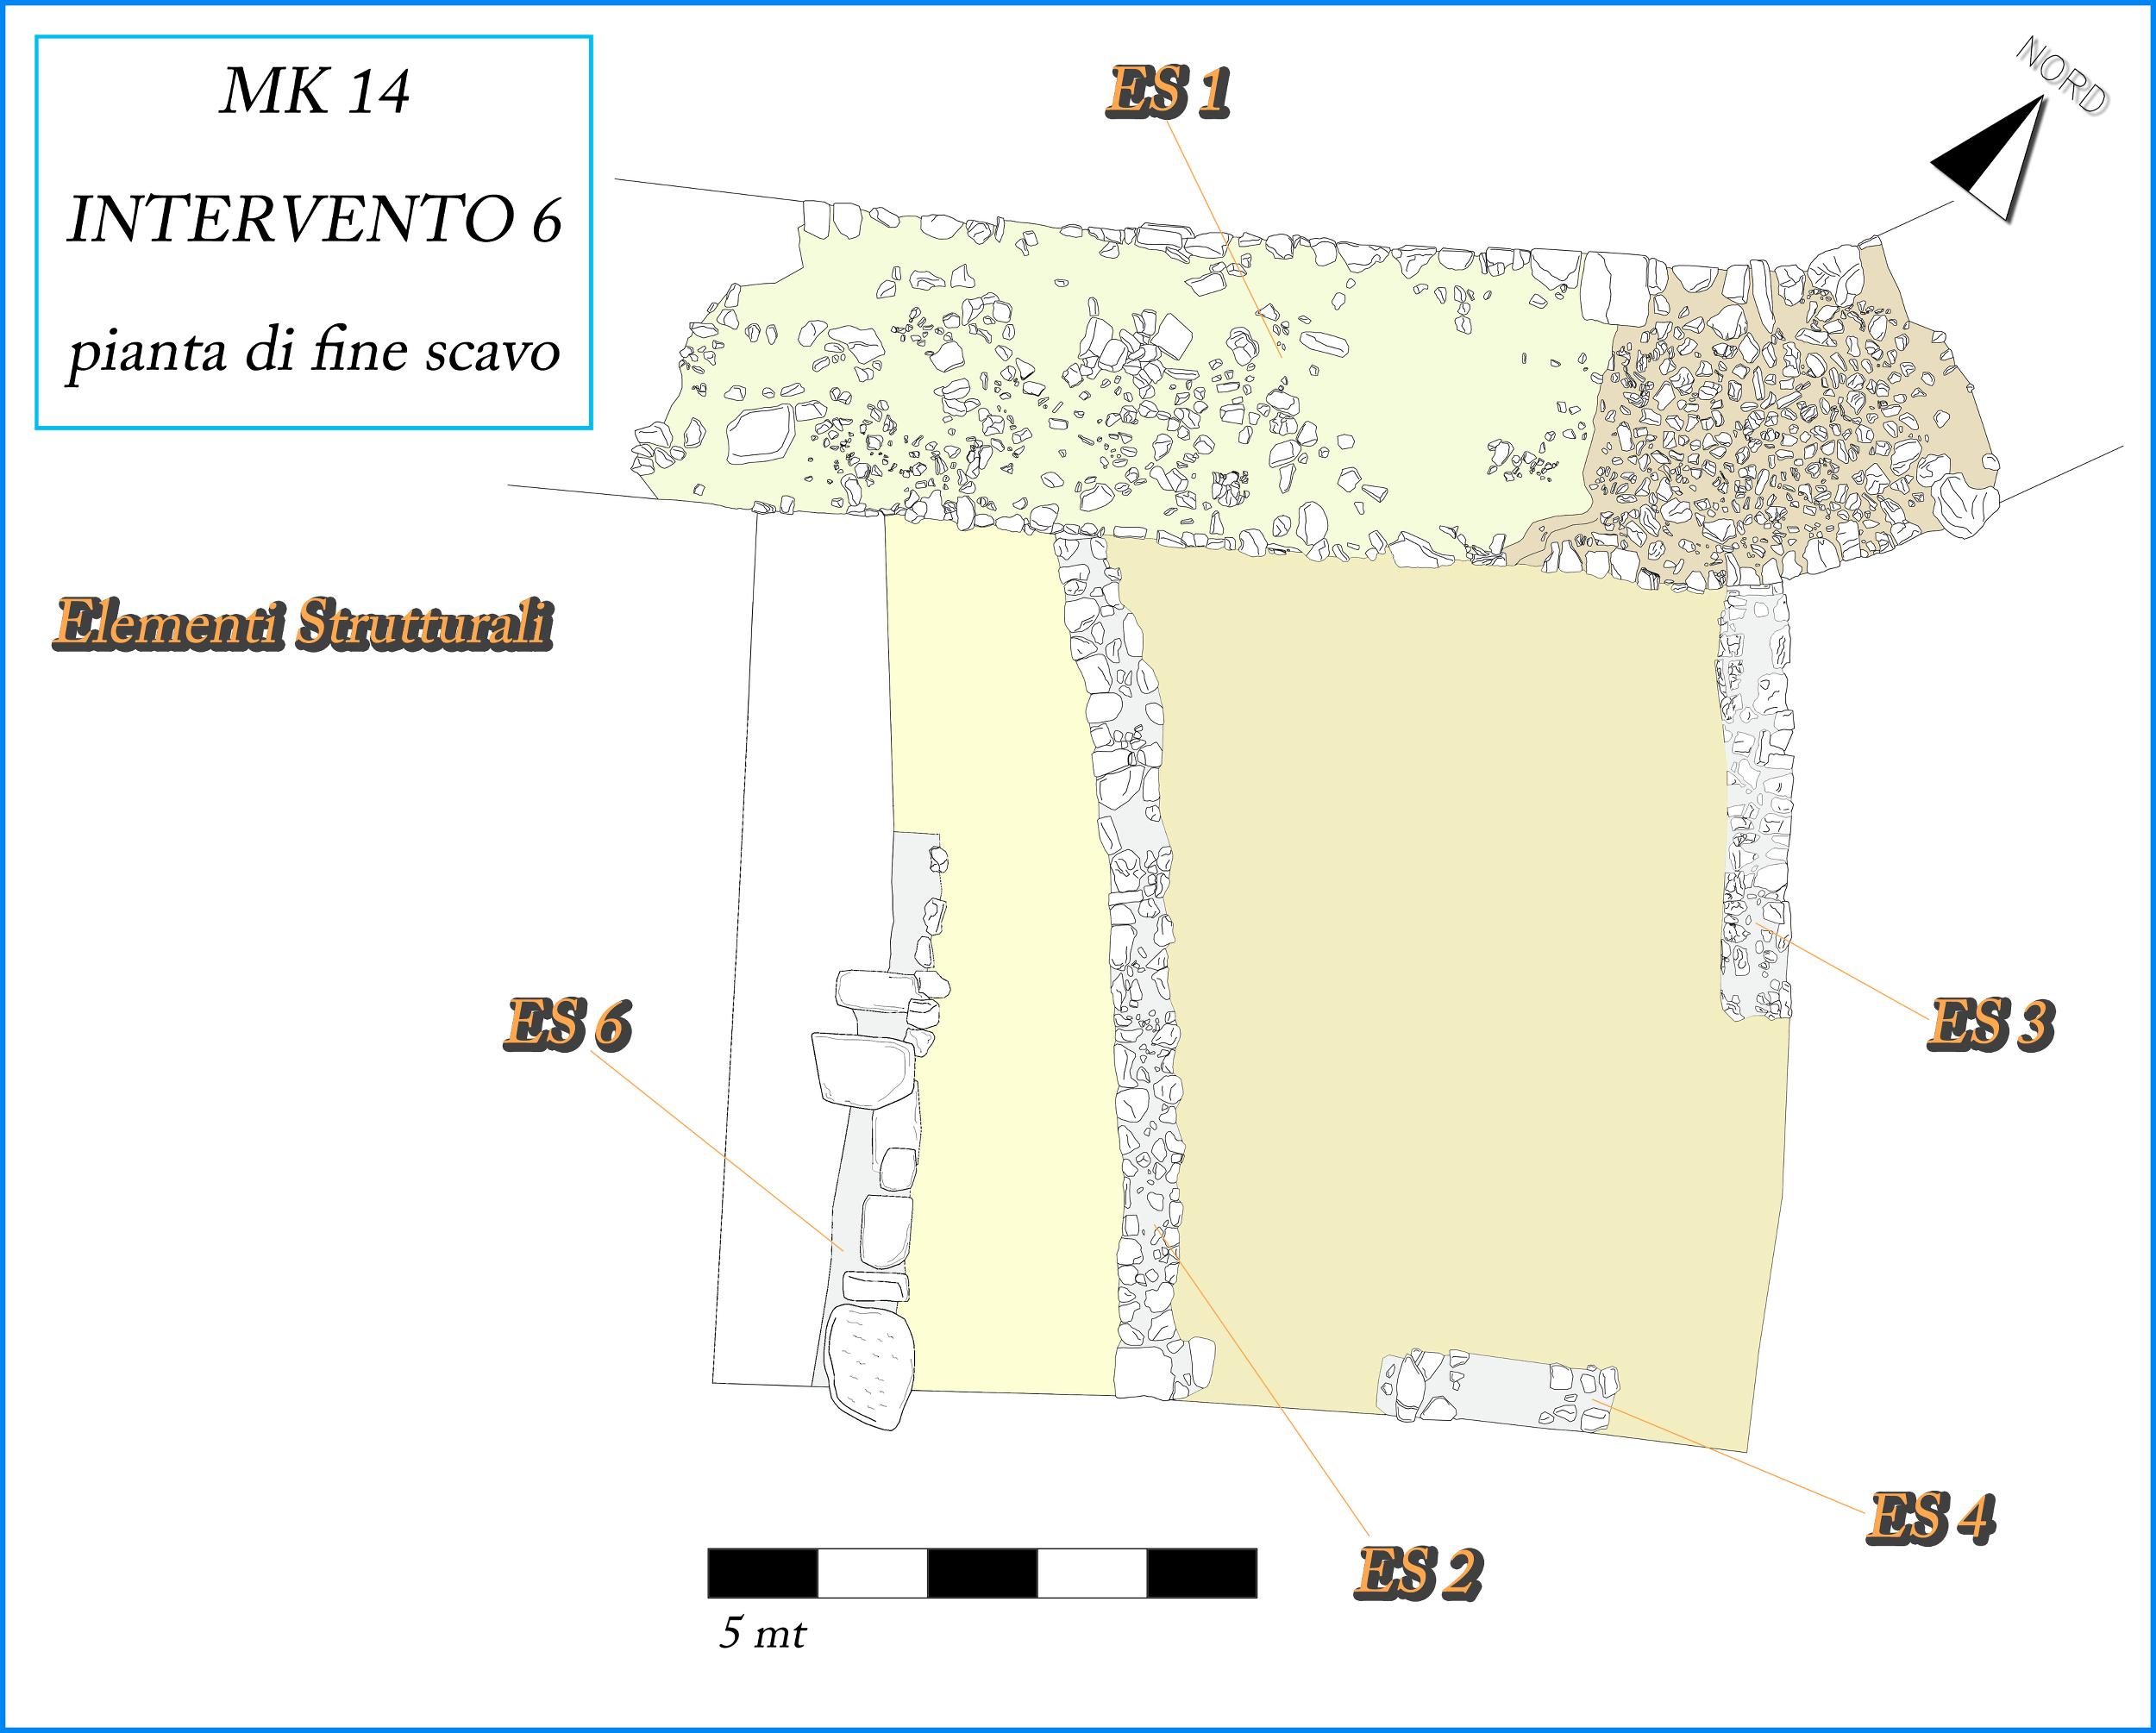 MK14_INT06_elab02_modif